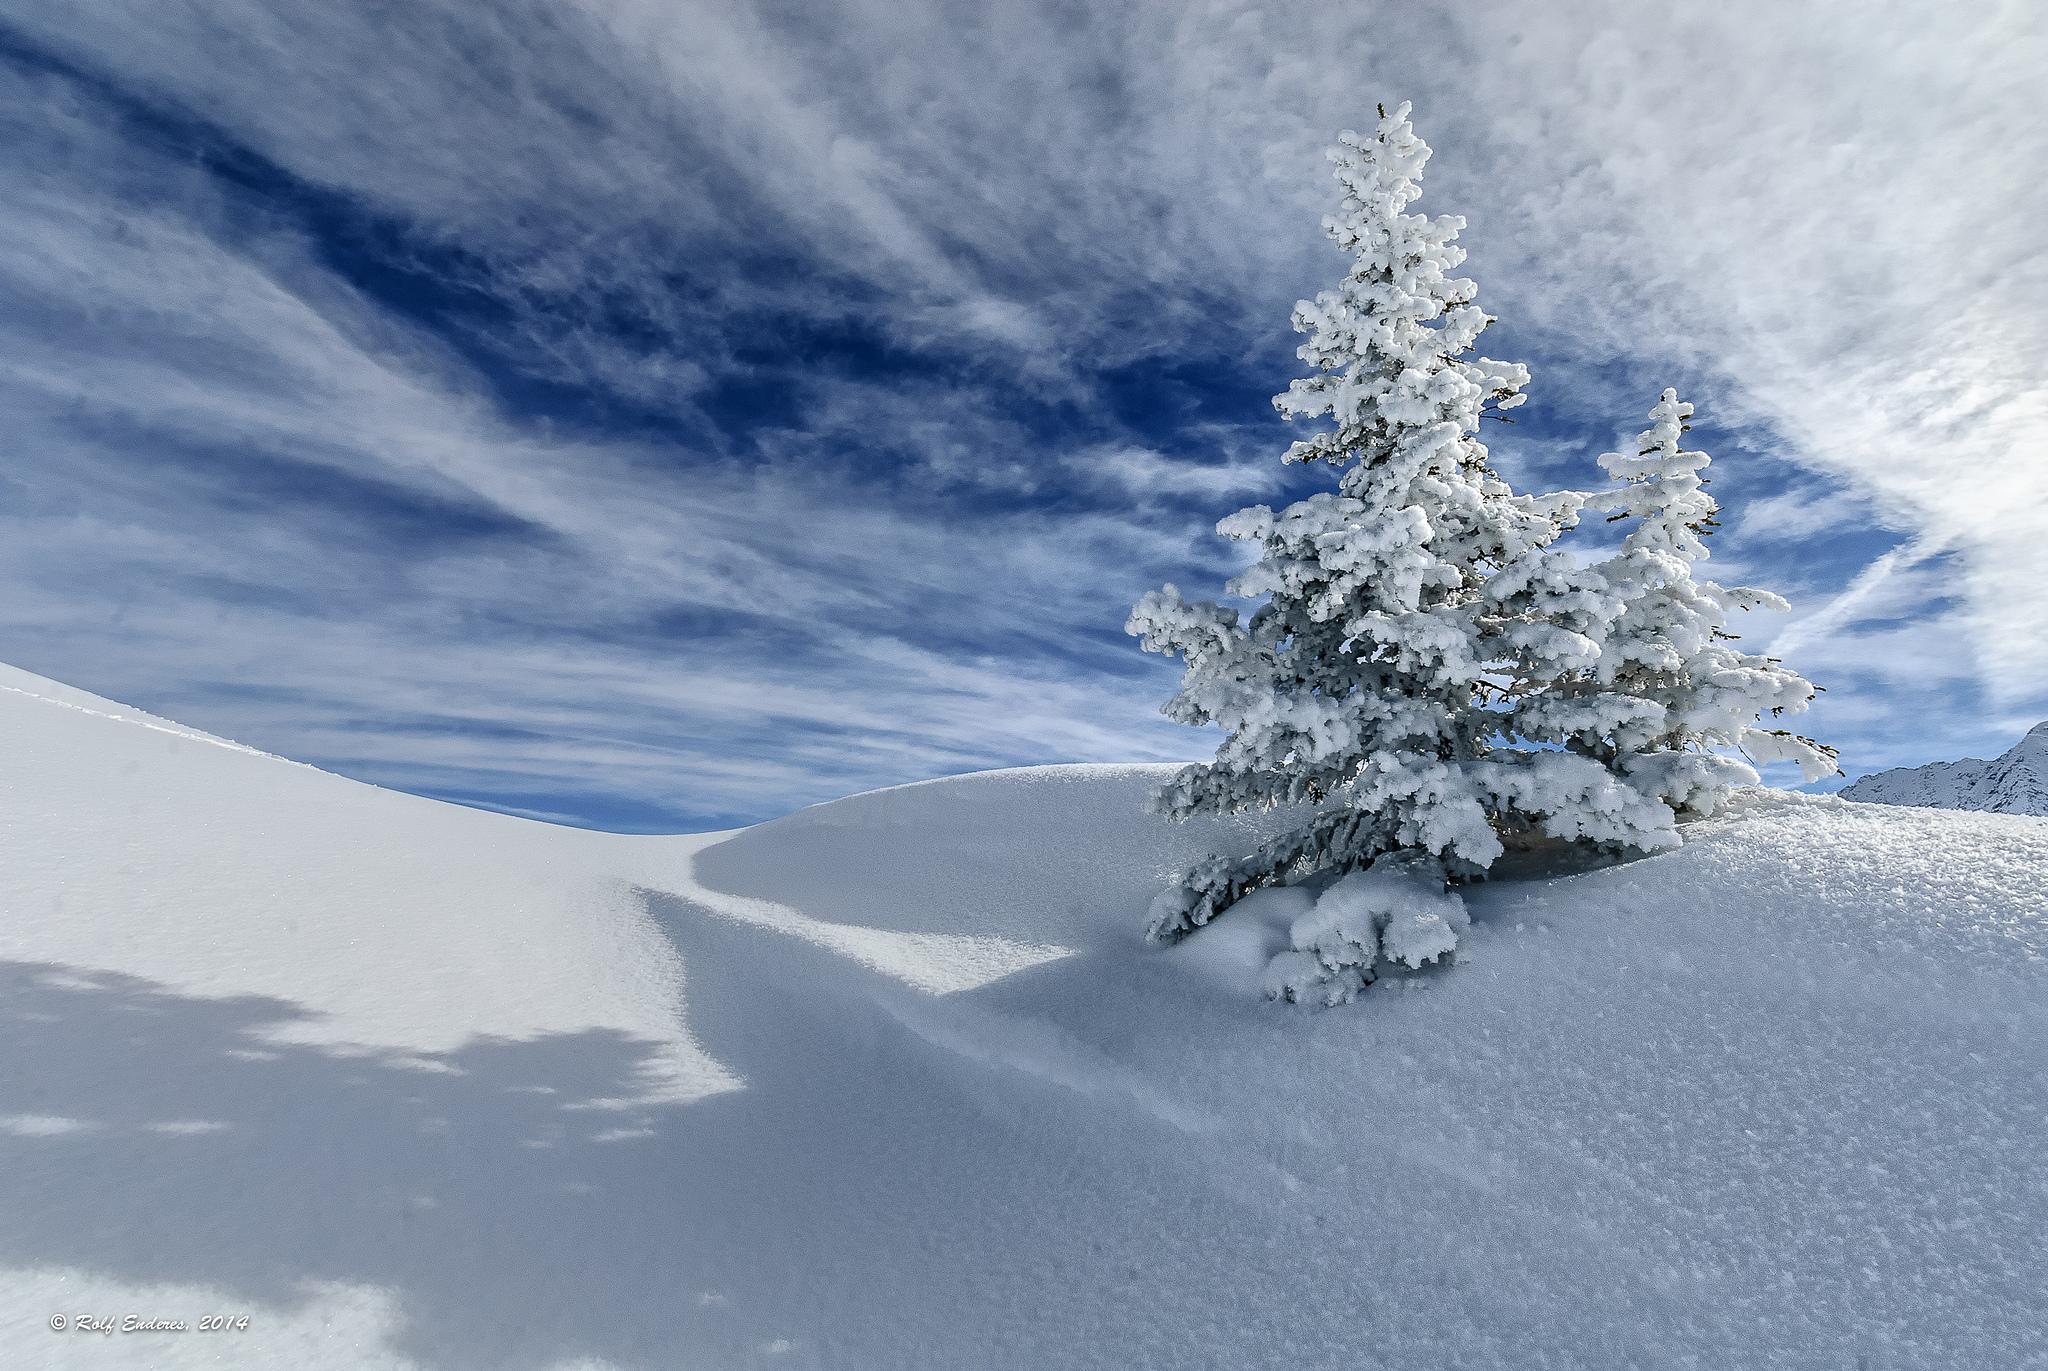 природа деревья ели зима снег небо  № 2803237 бесплатно